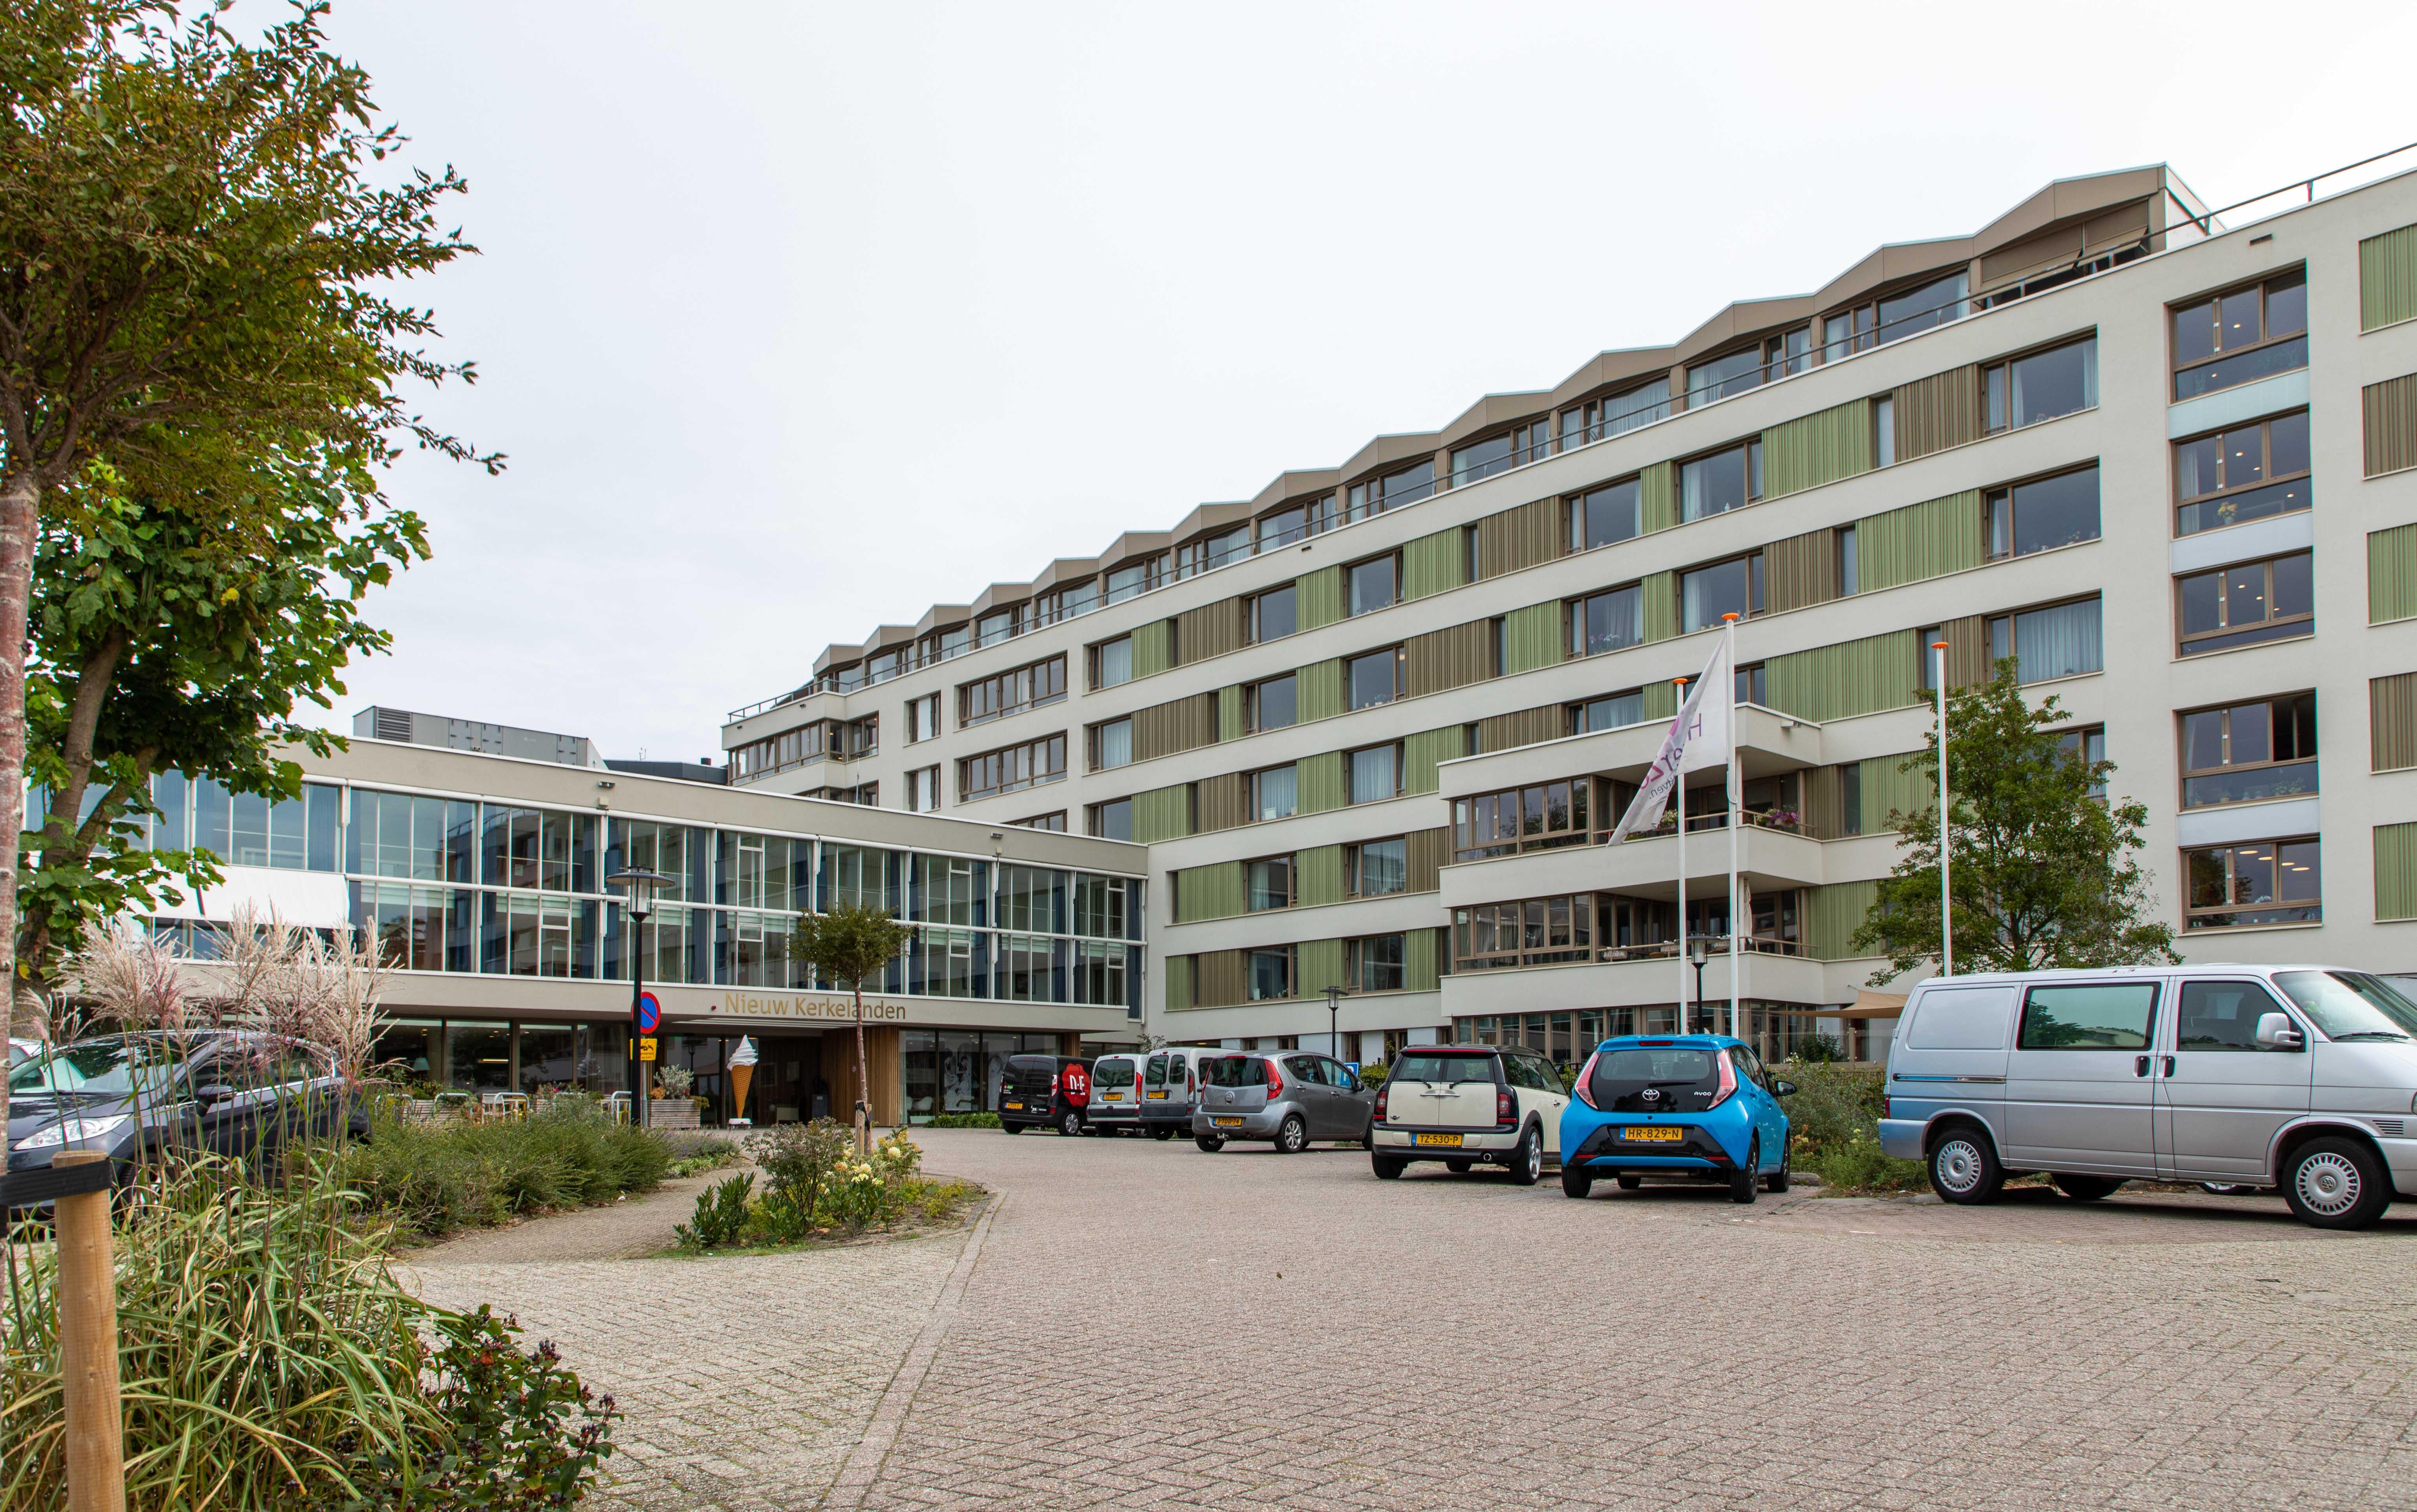 HilverZorg Nieuw Kerkelanden – Hilversum